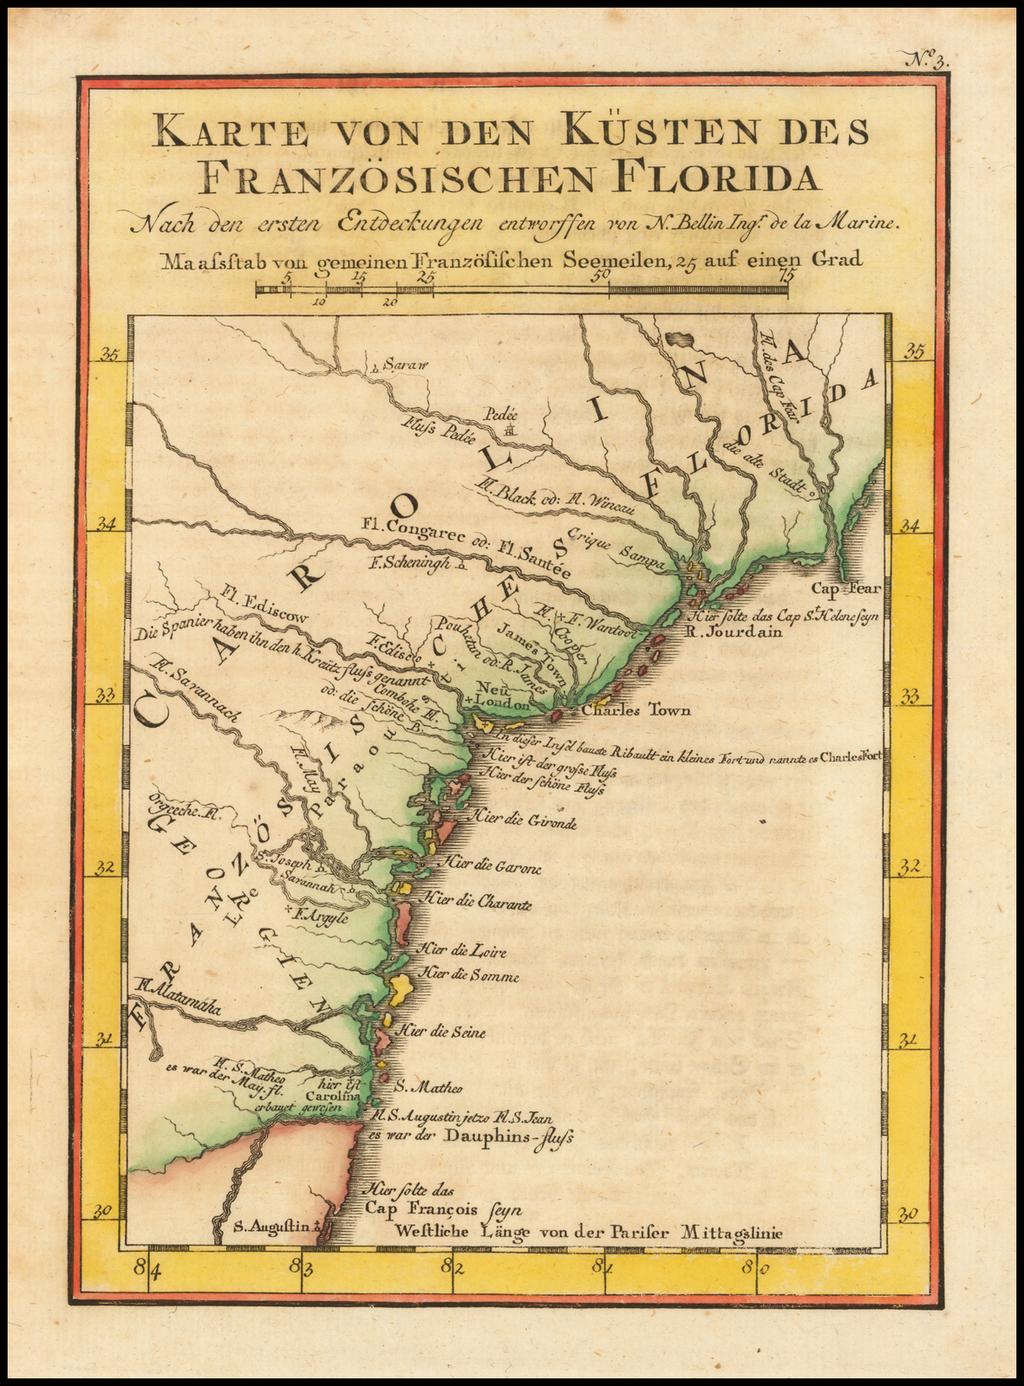 Karte von den Kusten des Franzosischen Florida By Jacques Nicolas Bellin